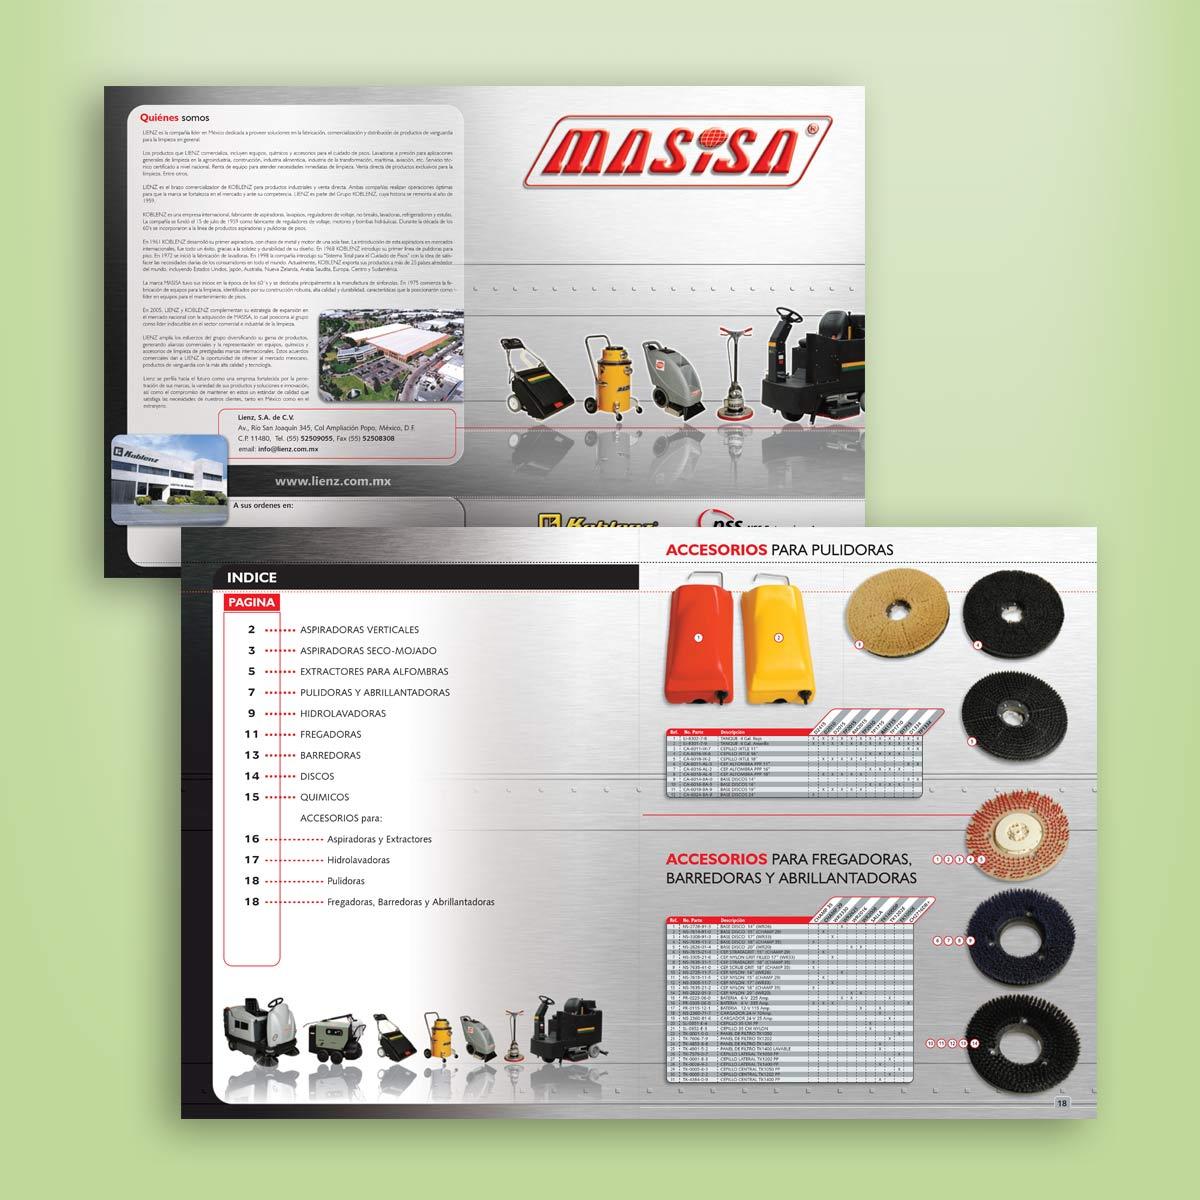 diseño de catálogo de productos Masisa